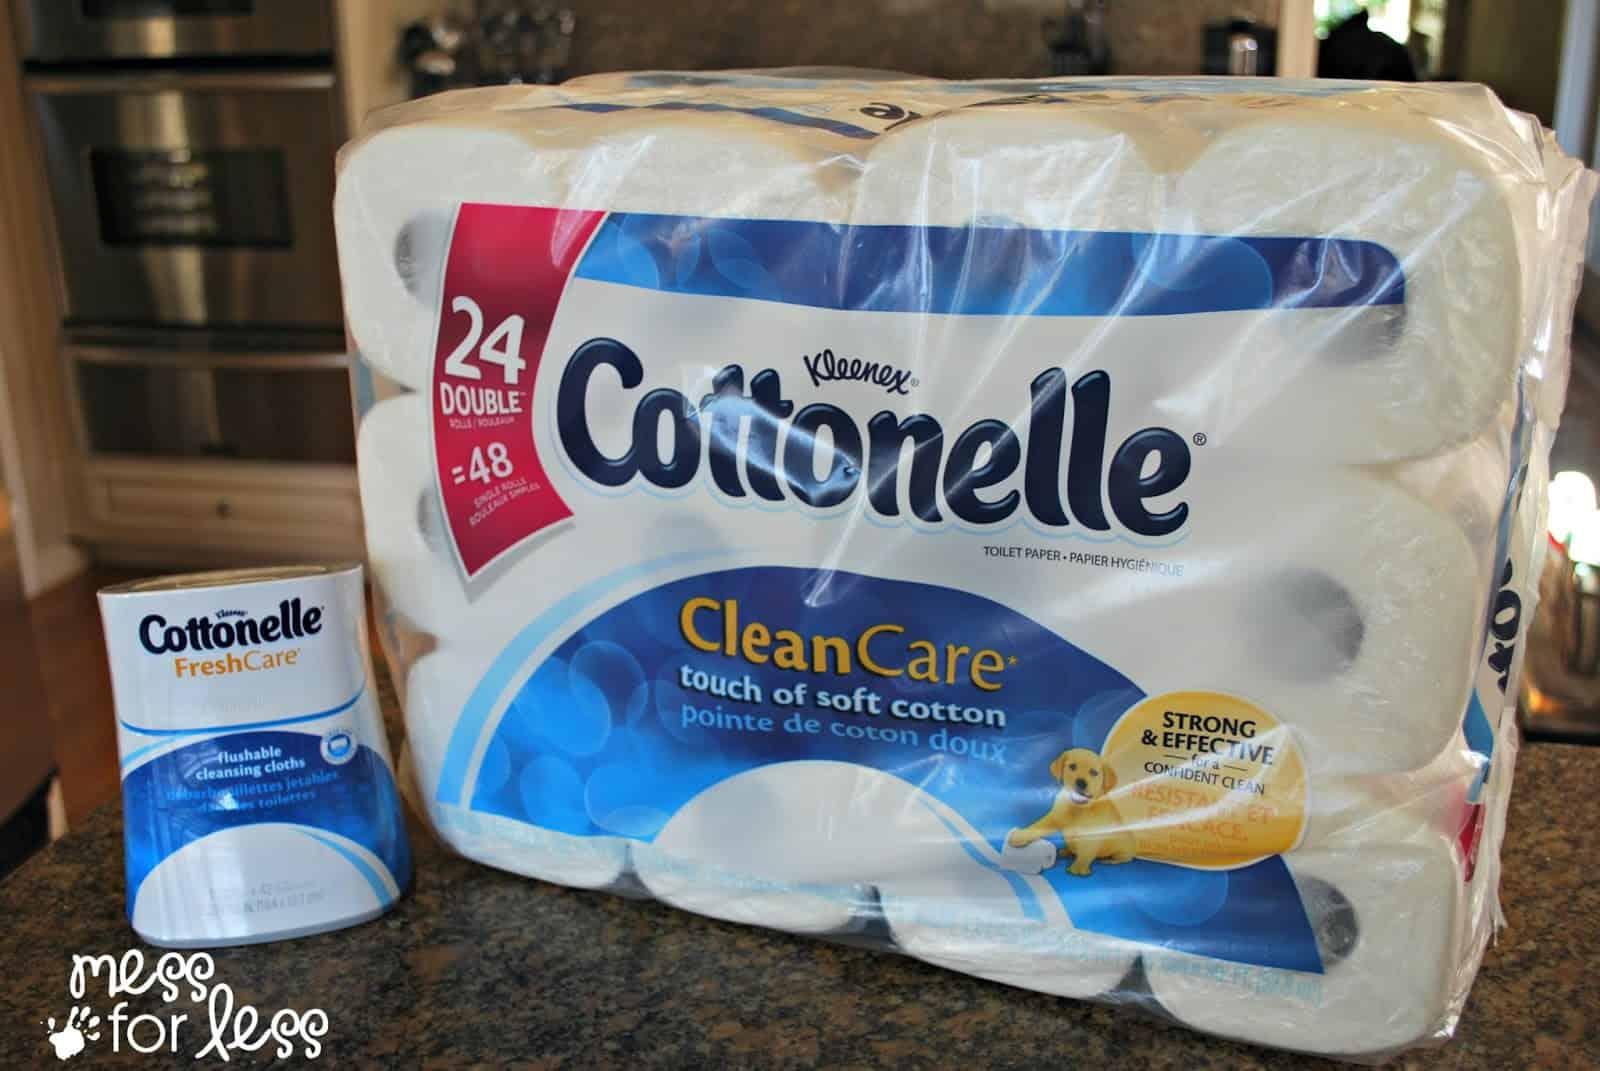 Cottonelle clean care  #CtnlCareRoutine #PMedia #sponsored